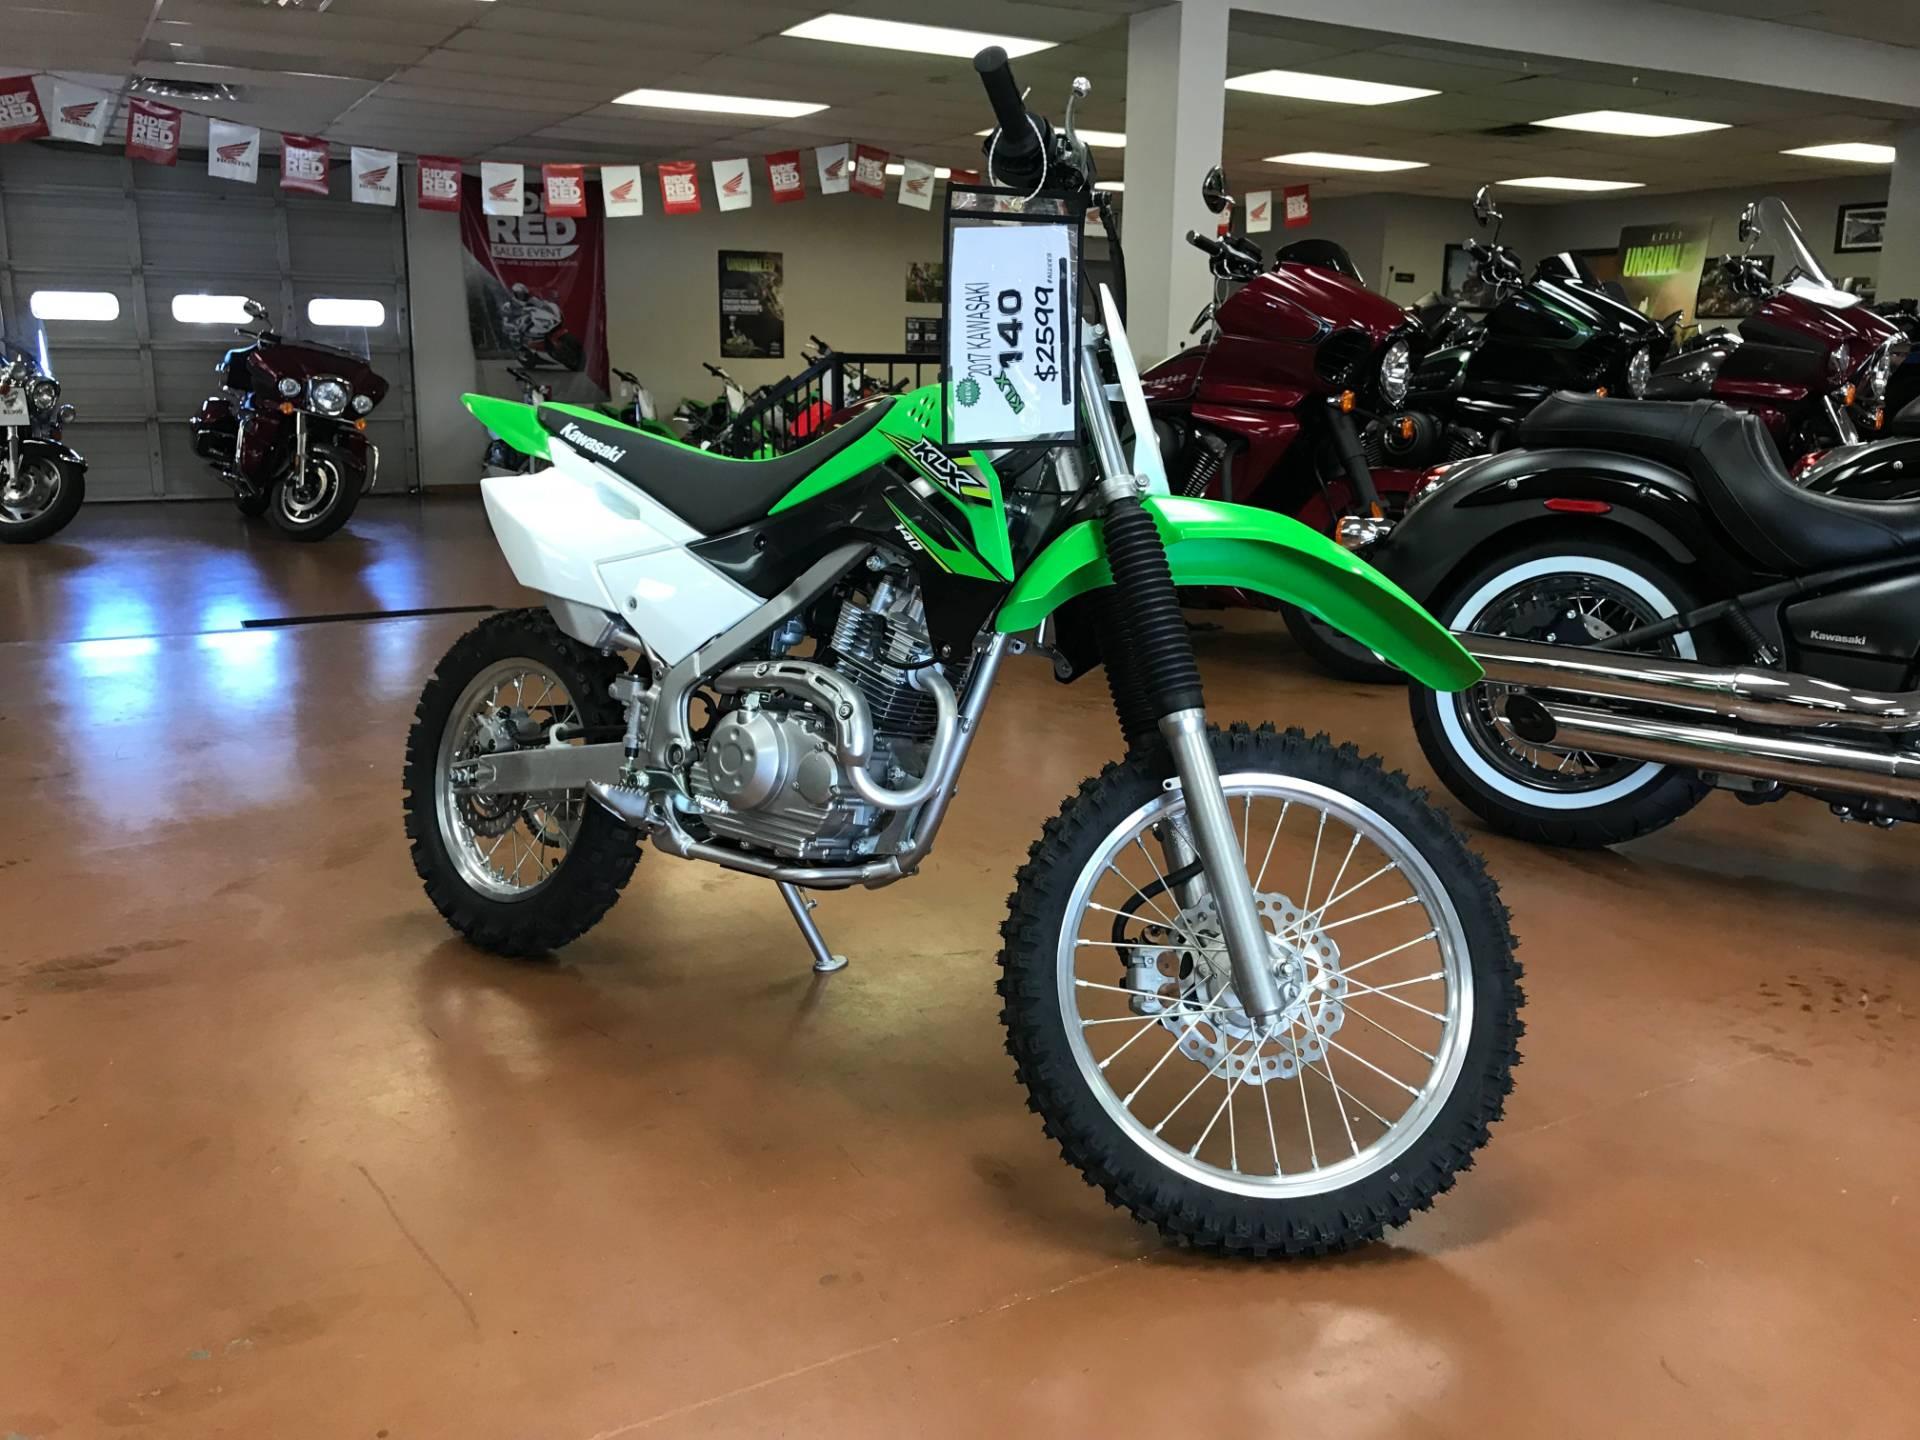 2017 Kawasaki Klx140 In Arlington Texas